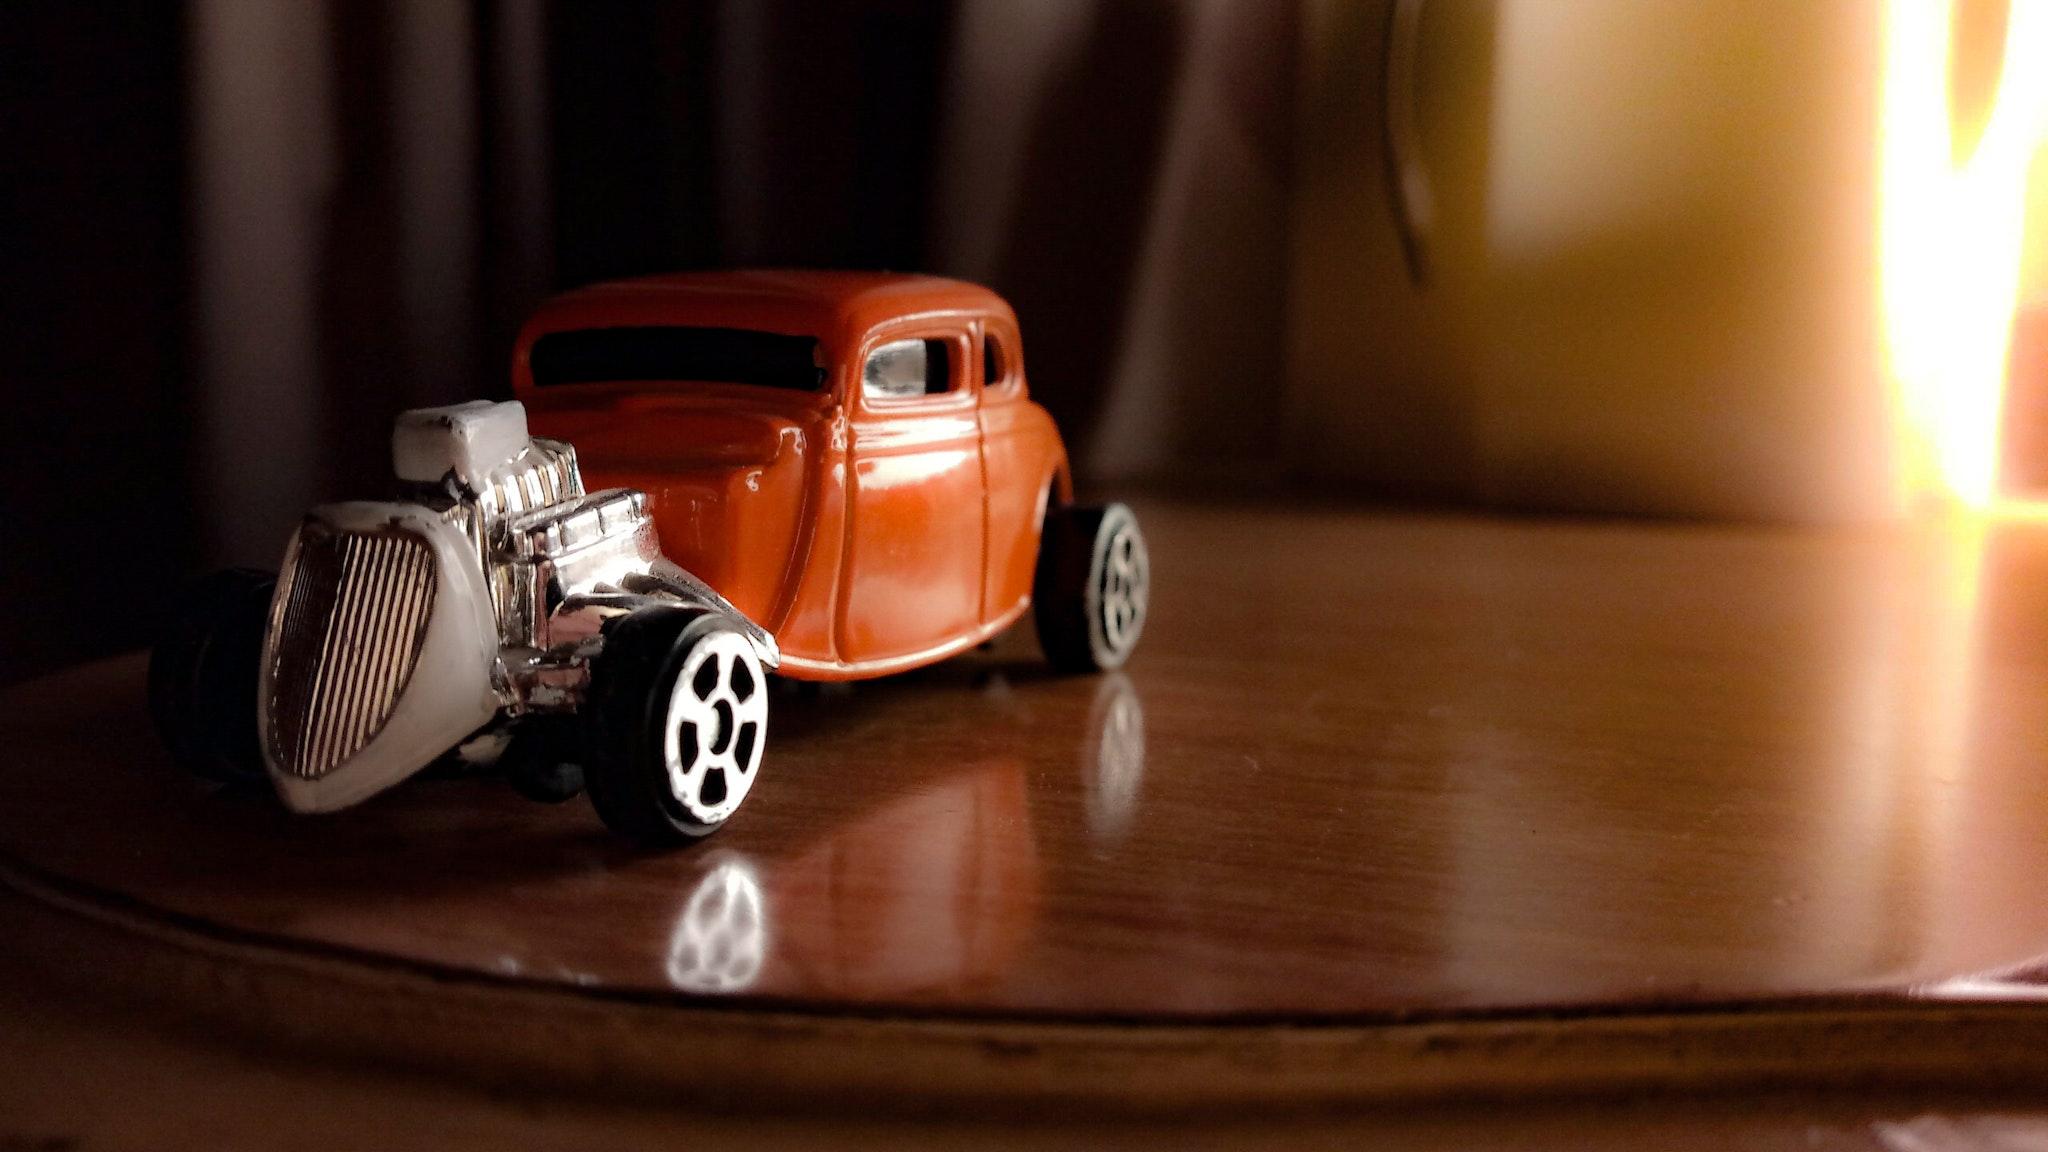 Model Car - HD Wallpaper